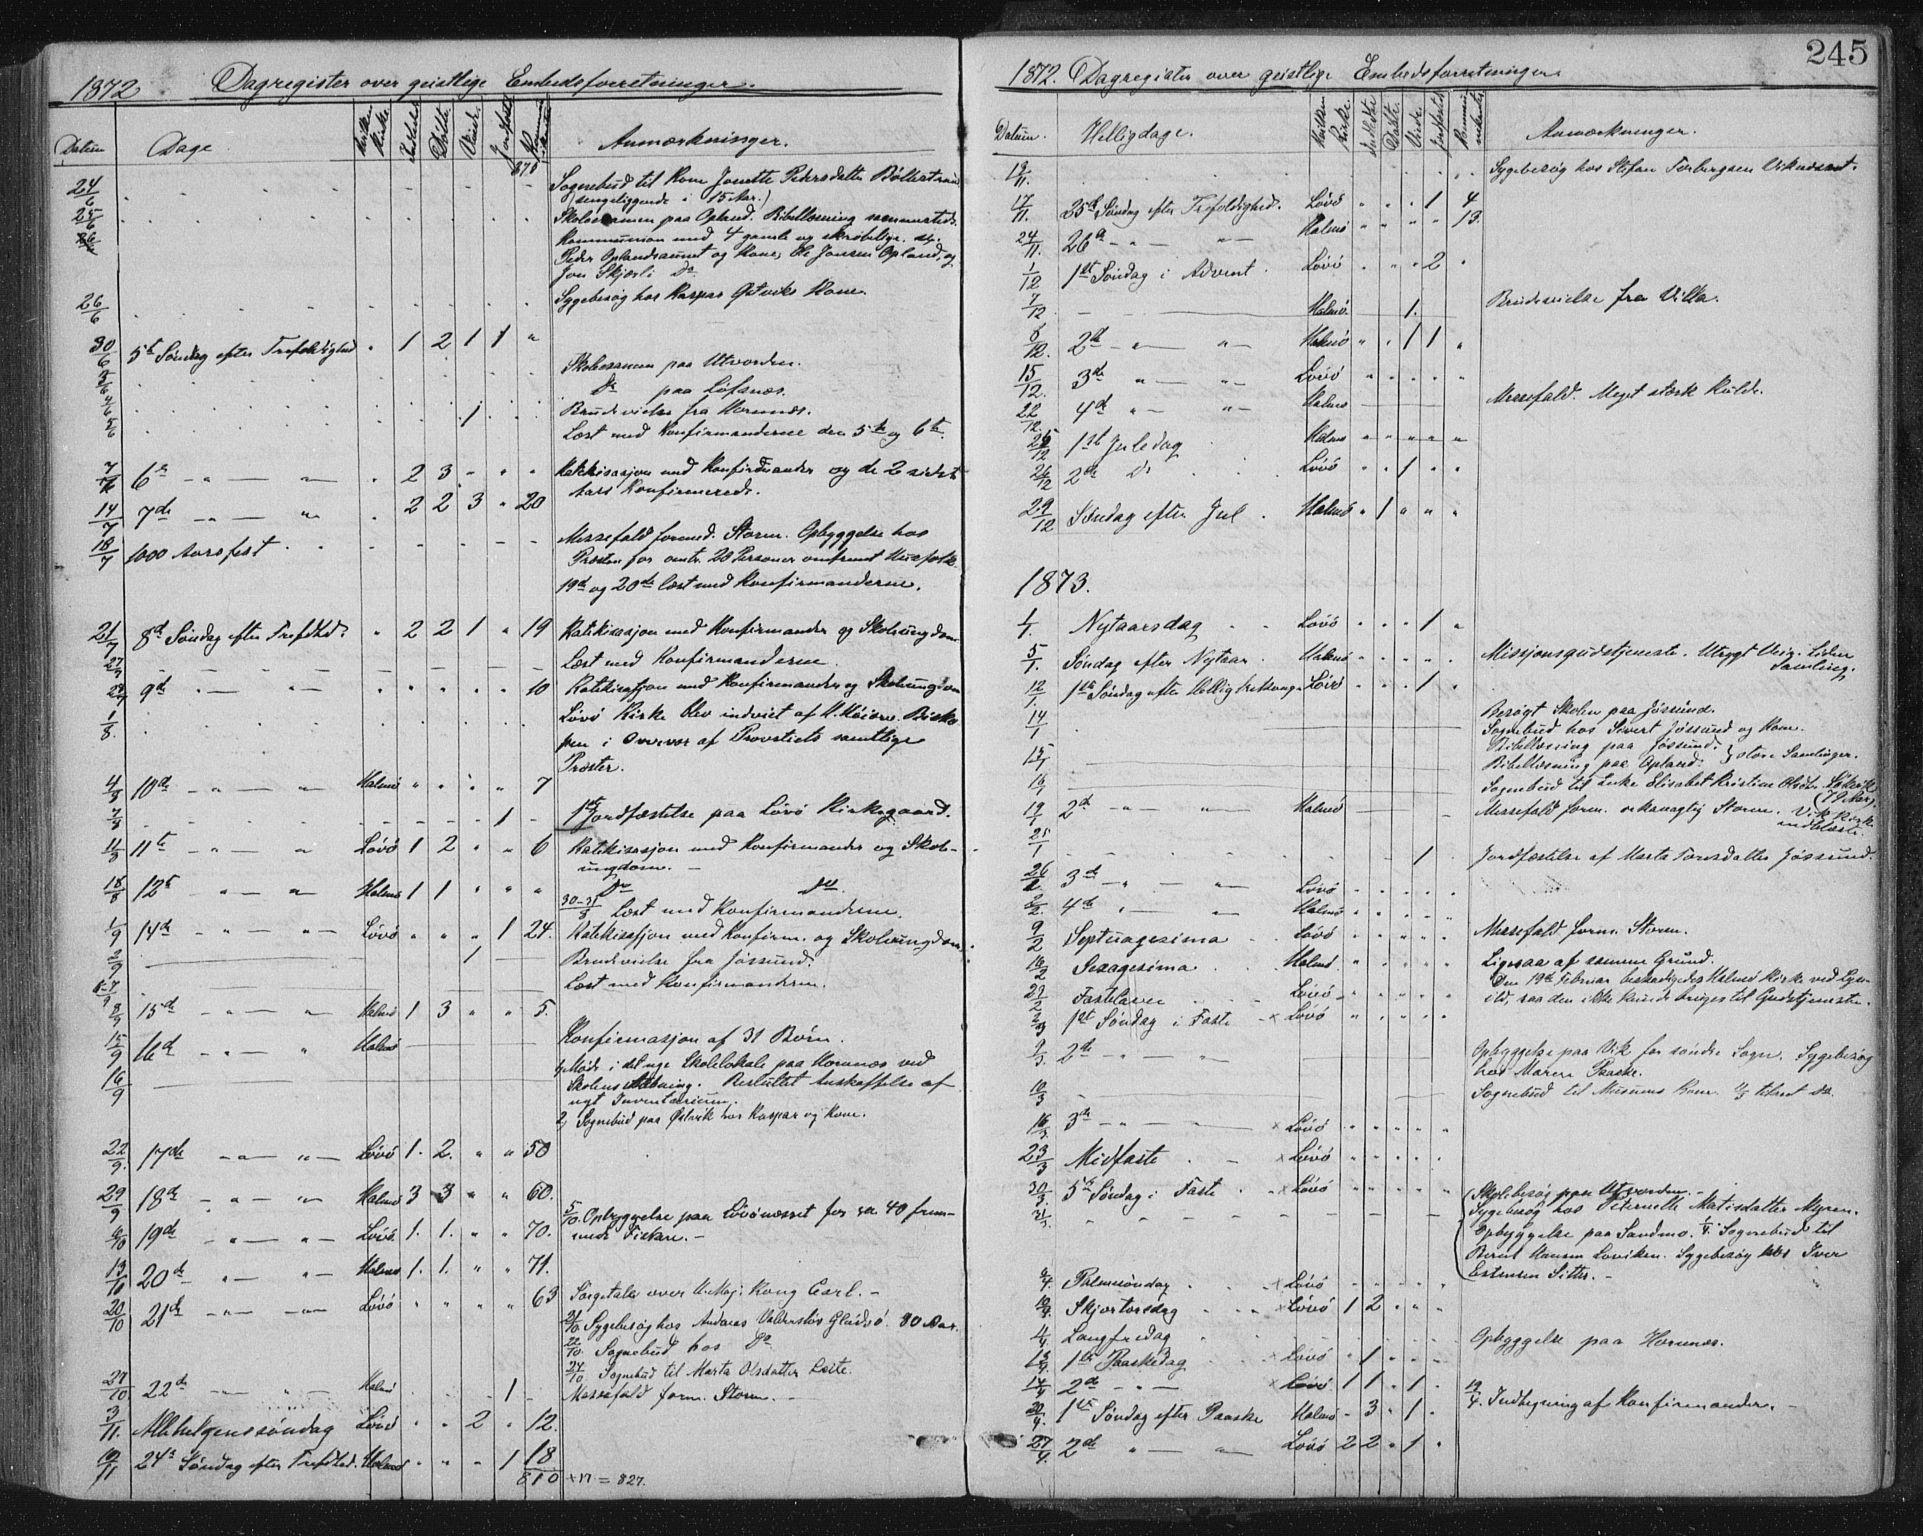 SAT, Ministerialprotokoller, klokkerbøker og fødselsregistre - Nord-Trøndelag, 771/L0596: Ministerialbok nr. 771A03, 1870-1884, s. 245